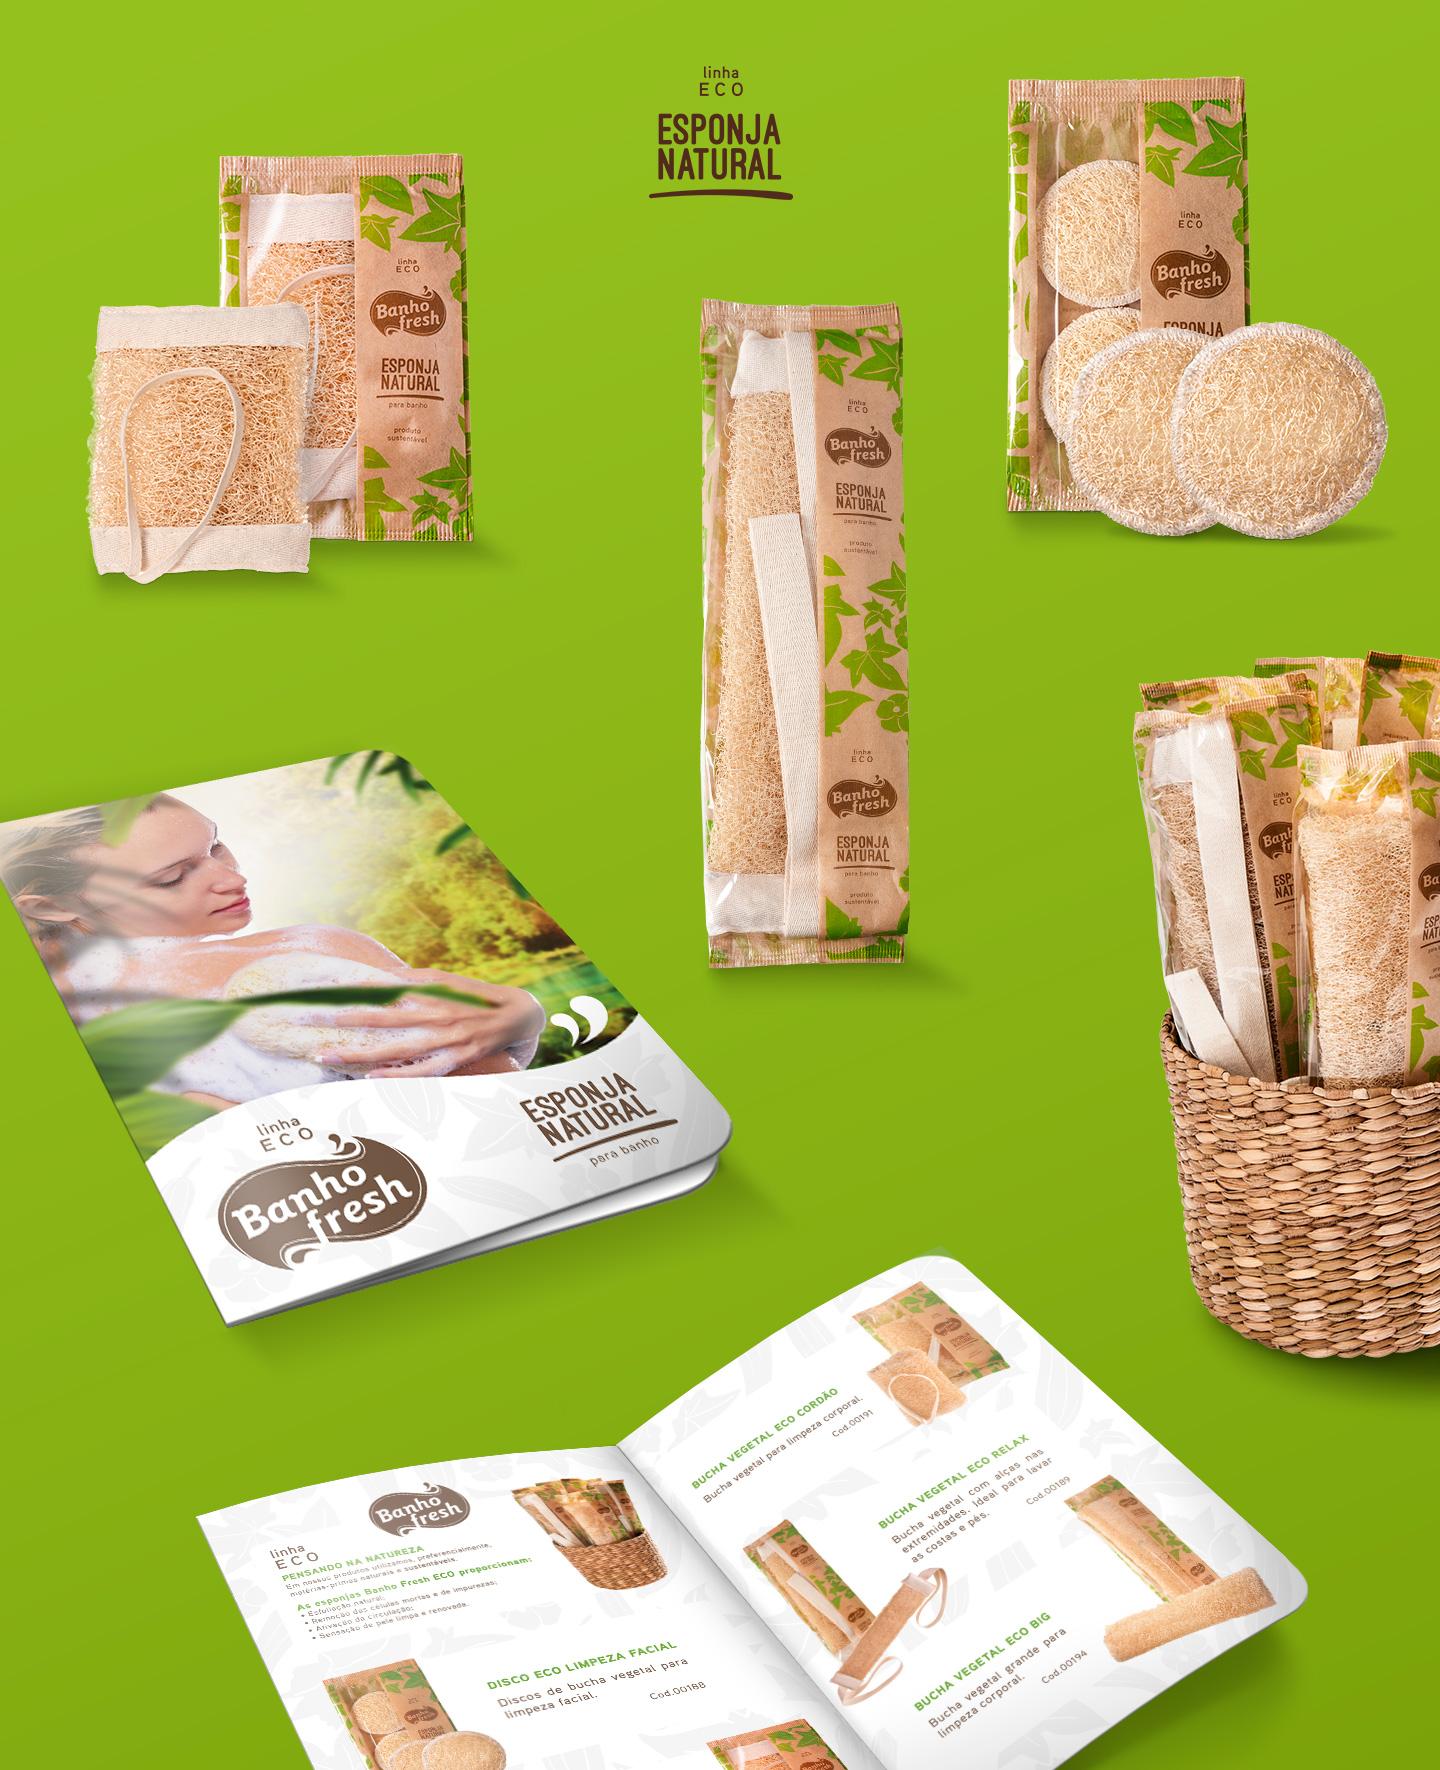 design de embalagem para produtos de higiene pessoal